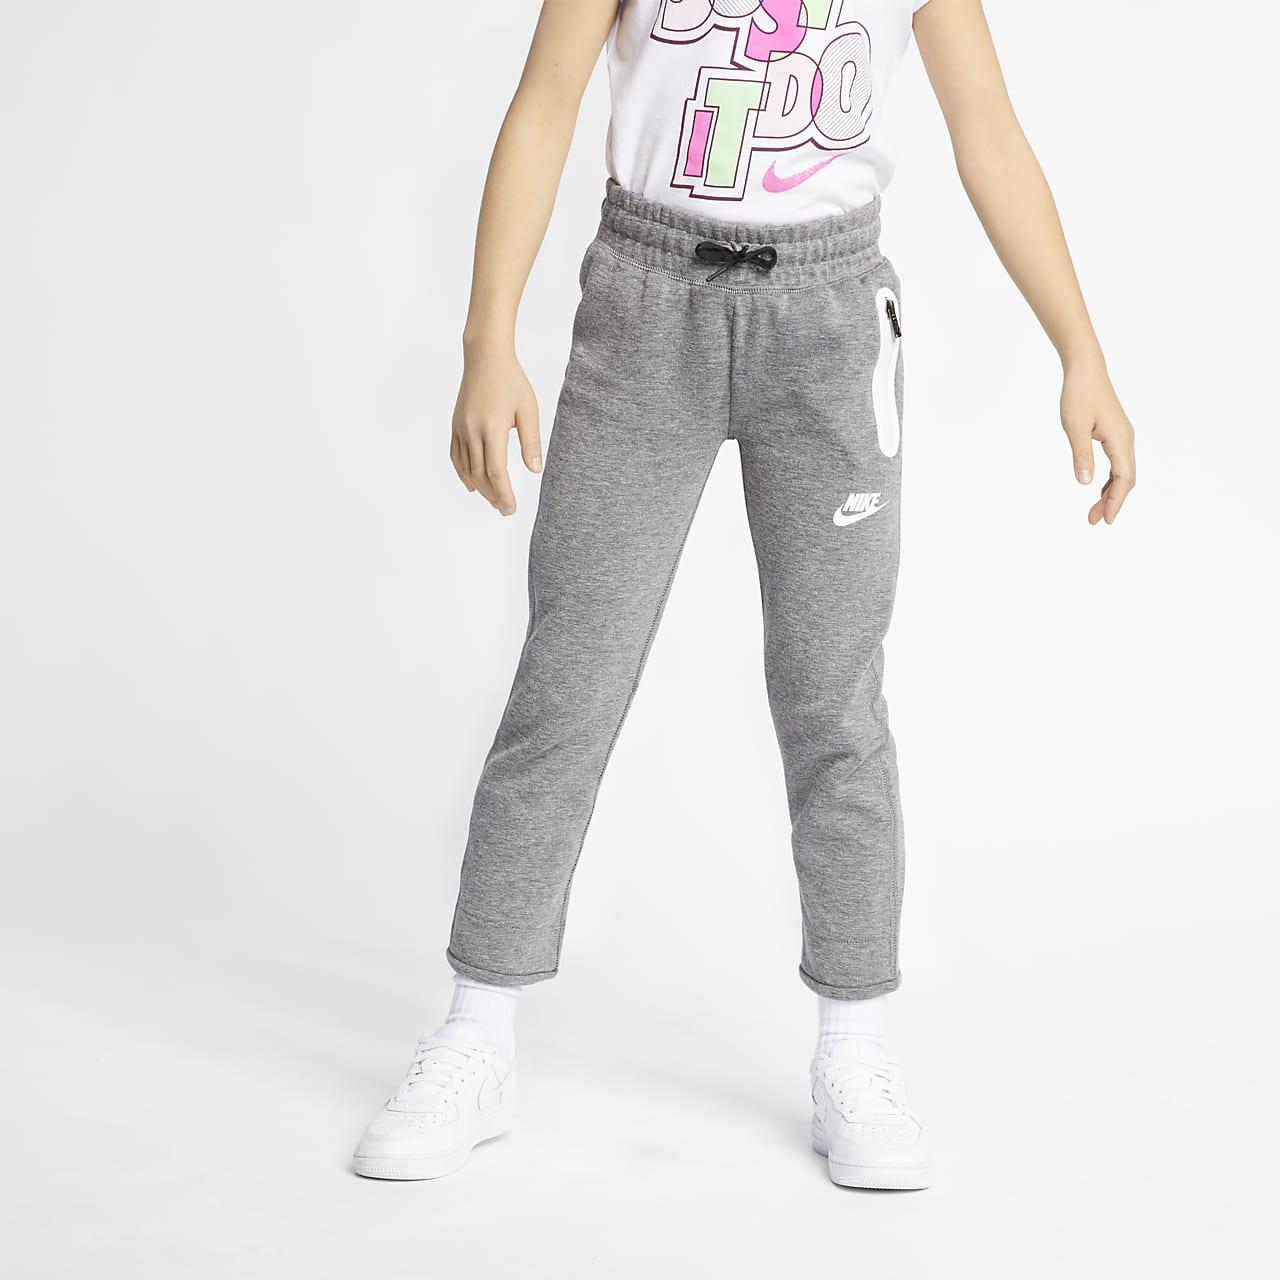 86047d121719 Nike Sportswear Tech Fleece Little Kids  Pants. Nike.com